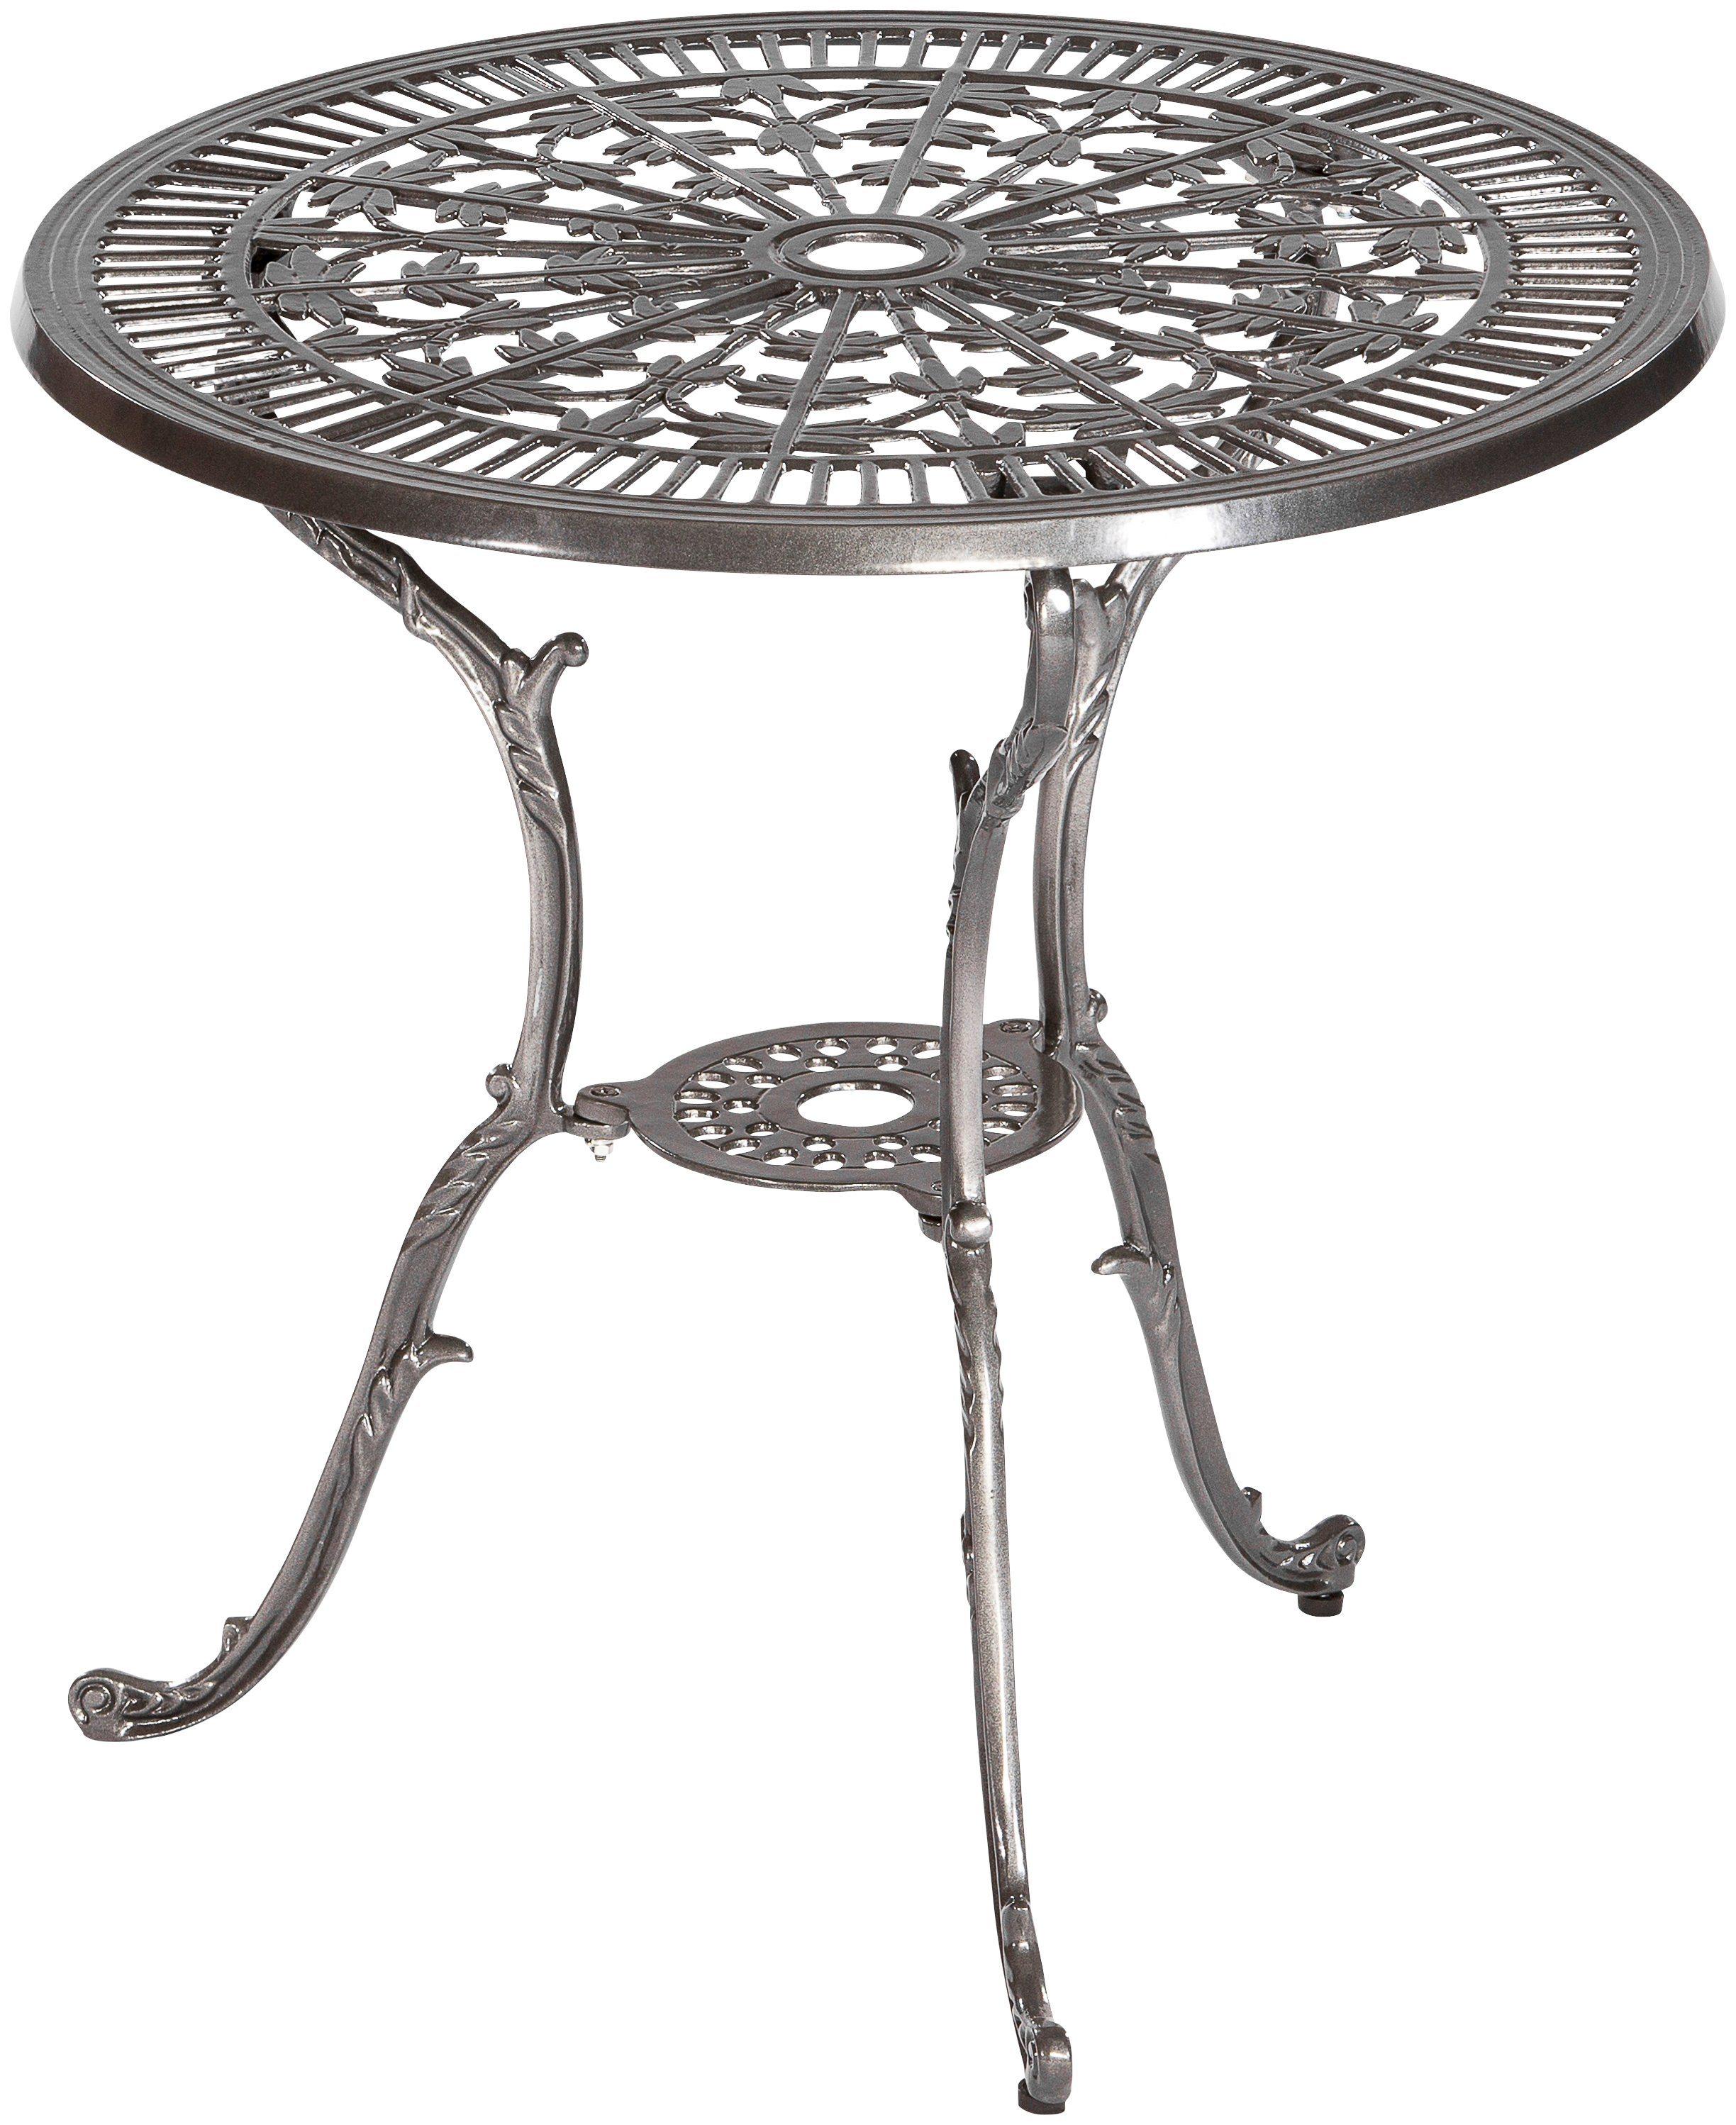 MERXX Gartentisch »Lugano«, Aluminium, Ø 70 cm, graphit   Garten > Gartenmöbel > Gartentische   MERXX